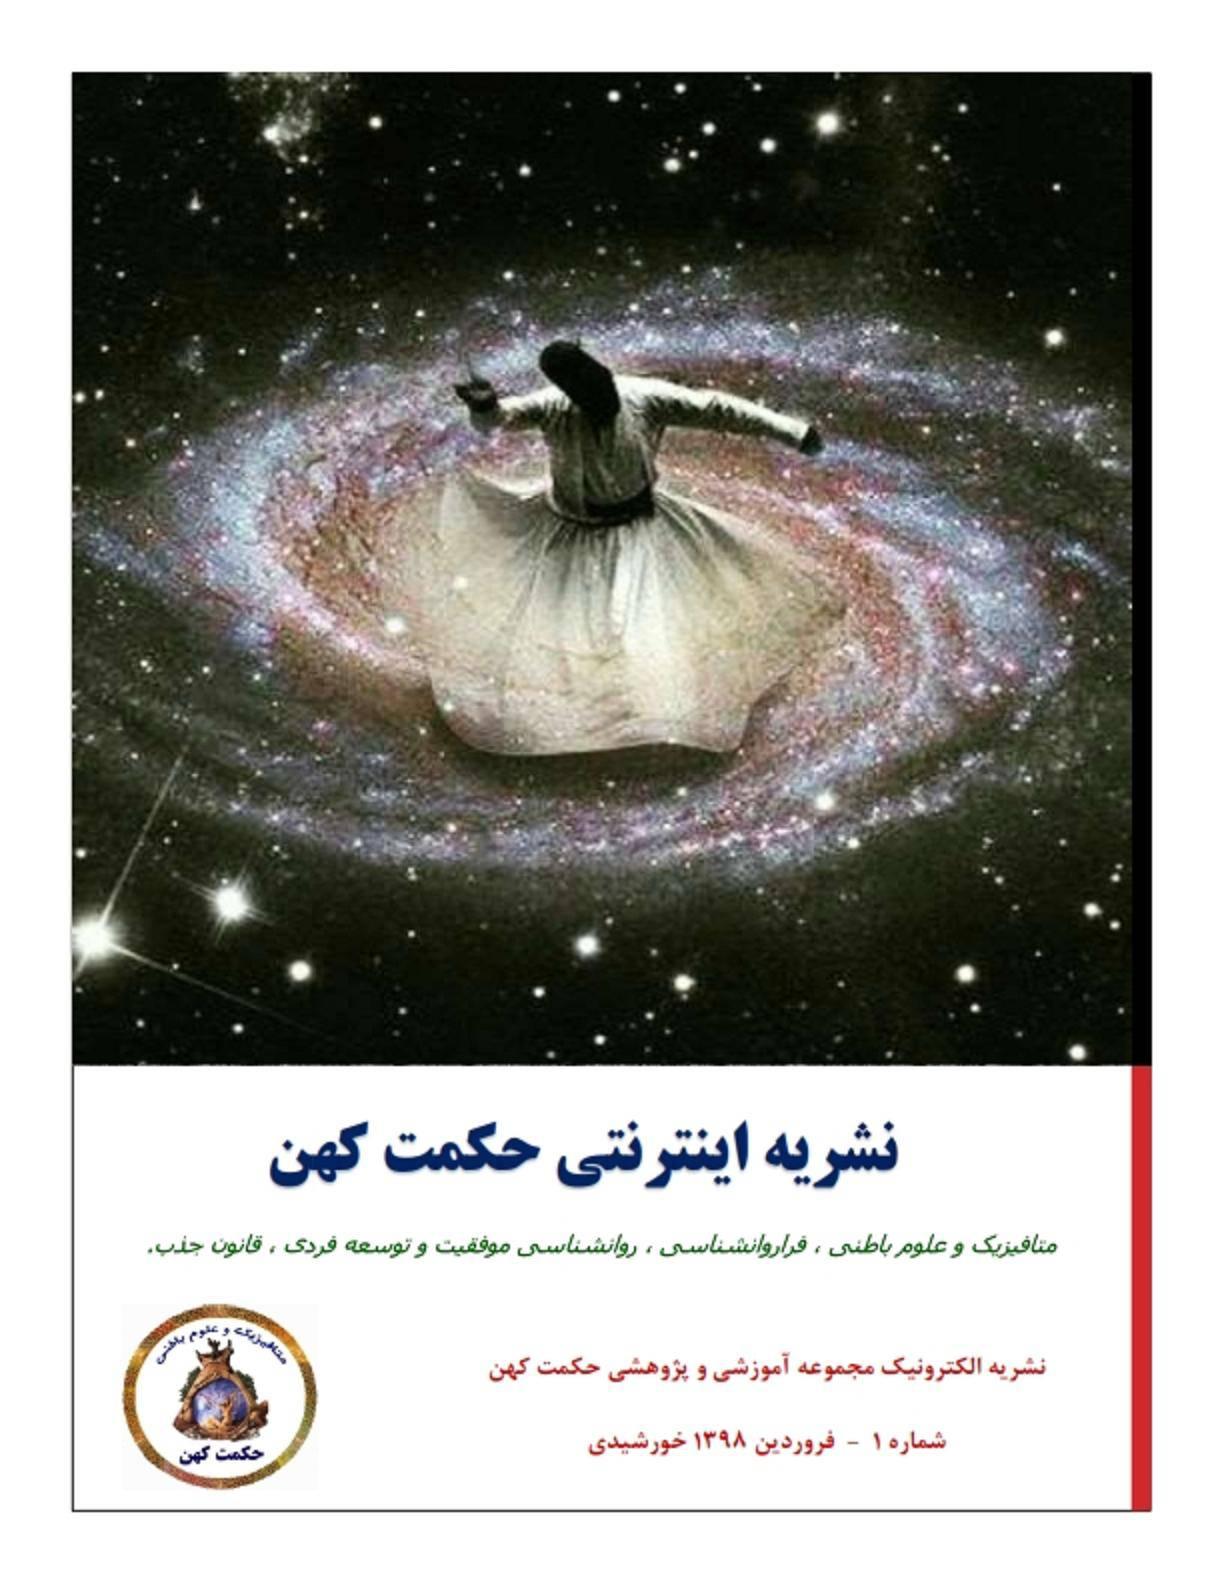 دانلودکتاب ماهنامه حکمت کهن  شماره اول   اردیبهشت 1398